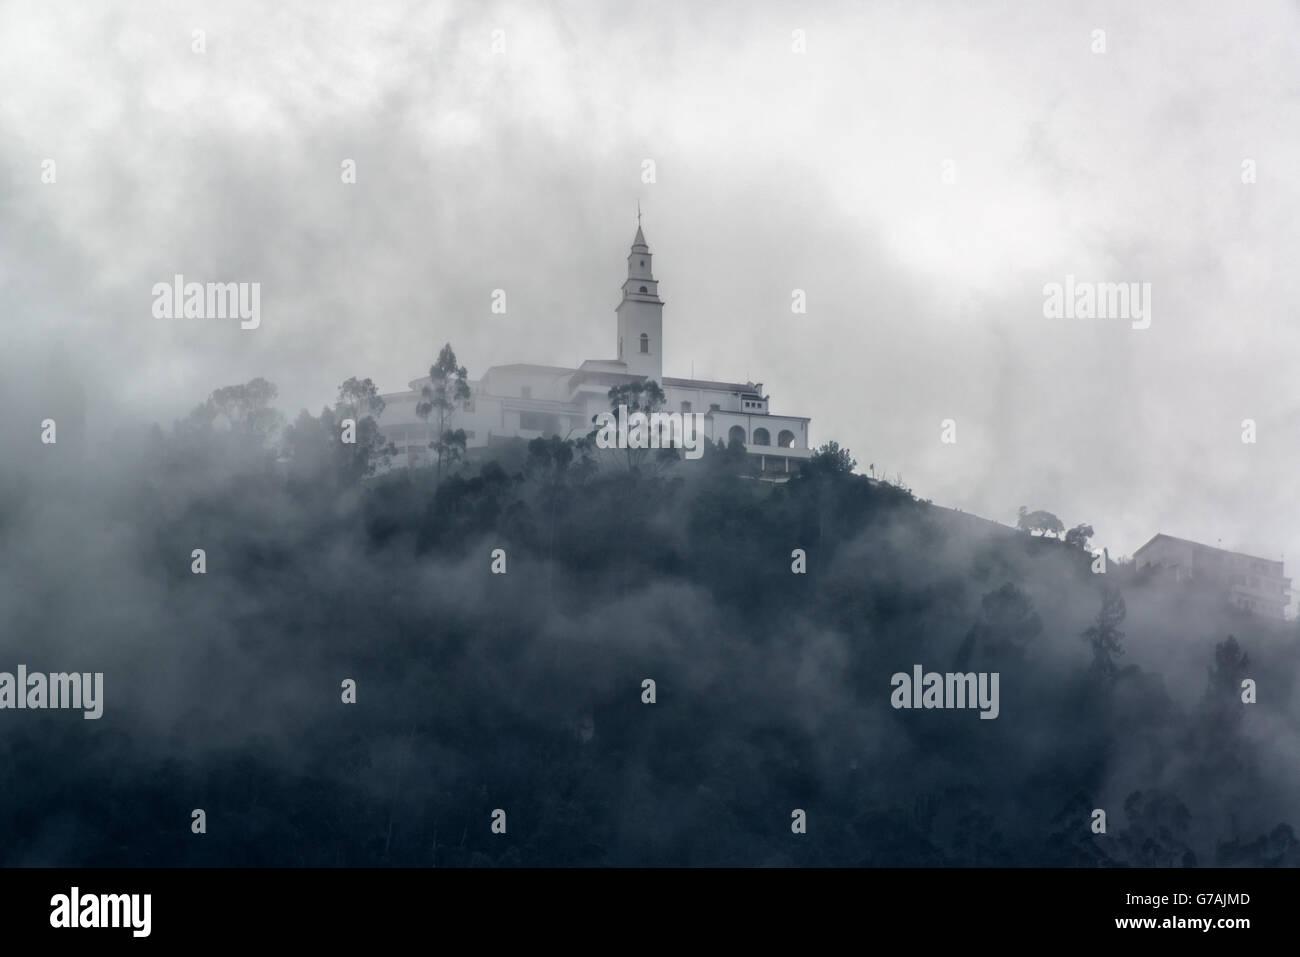 Monserrate chiesa nelle Ande montagne coperte di nebbia alta al di sopra di Bogotà, Colombia Immagini Stock